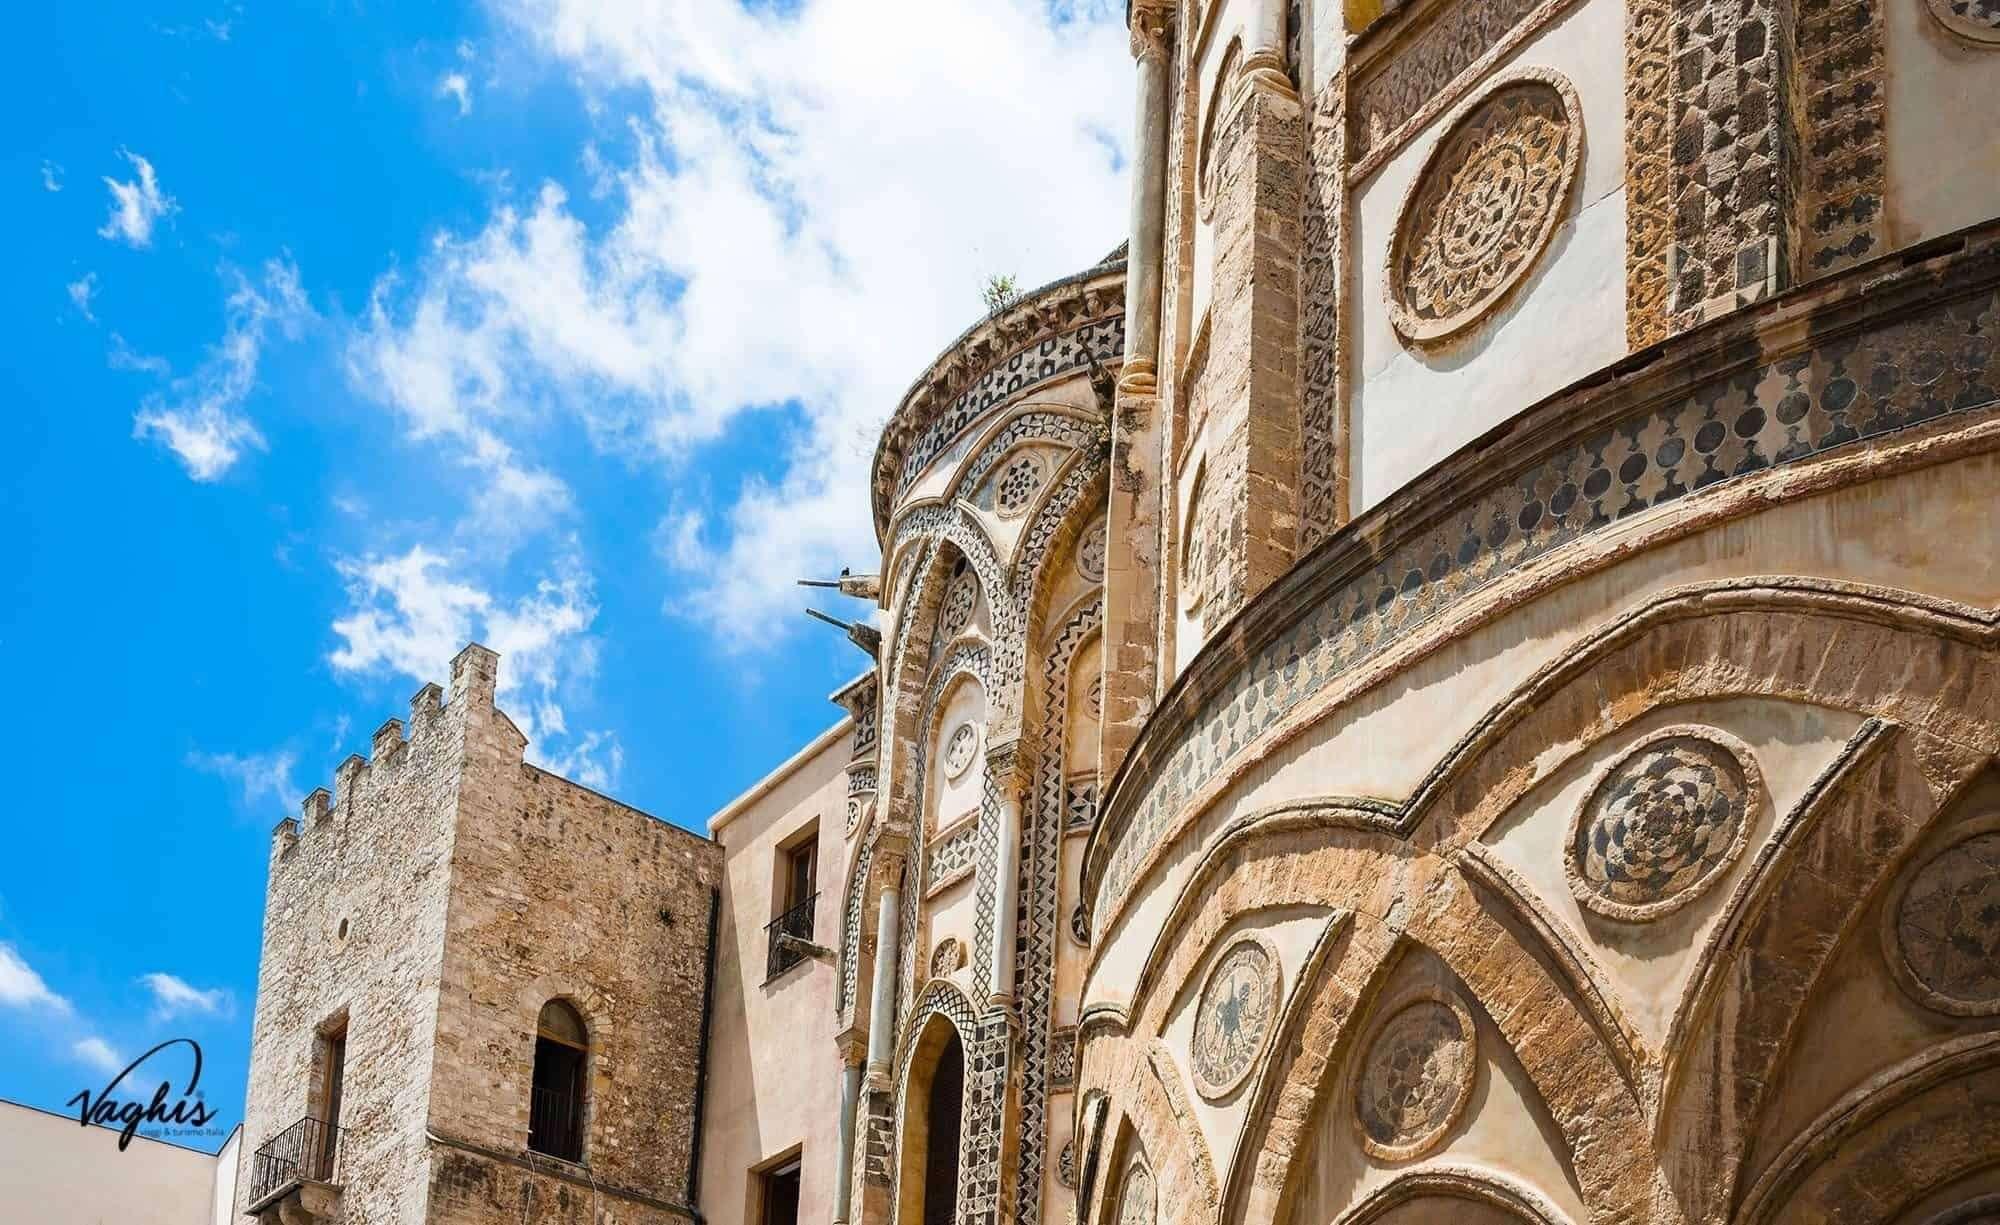 Monreale: La Cattedrale - © Vaghis - viaggi & turismo Italia - Tutti i di-ritti riservati